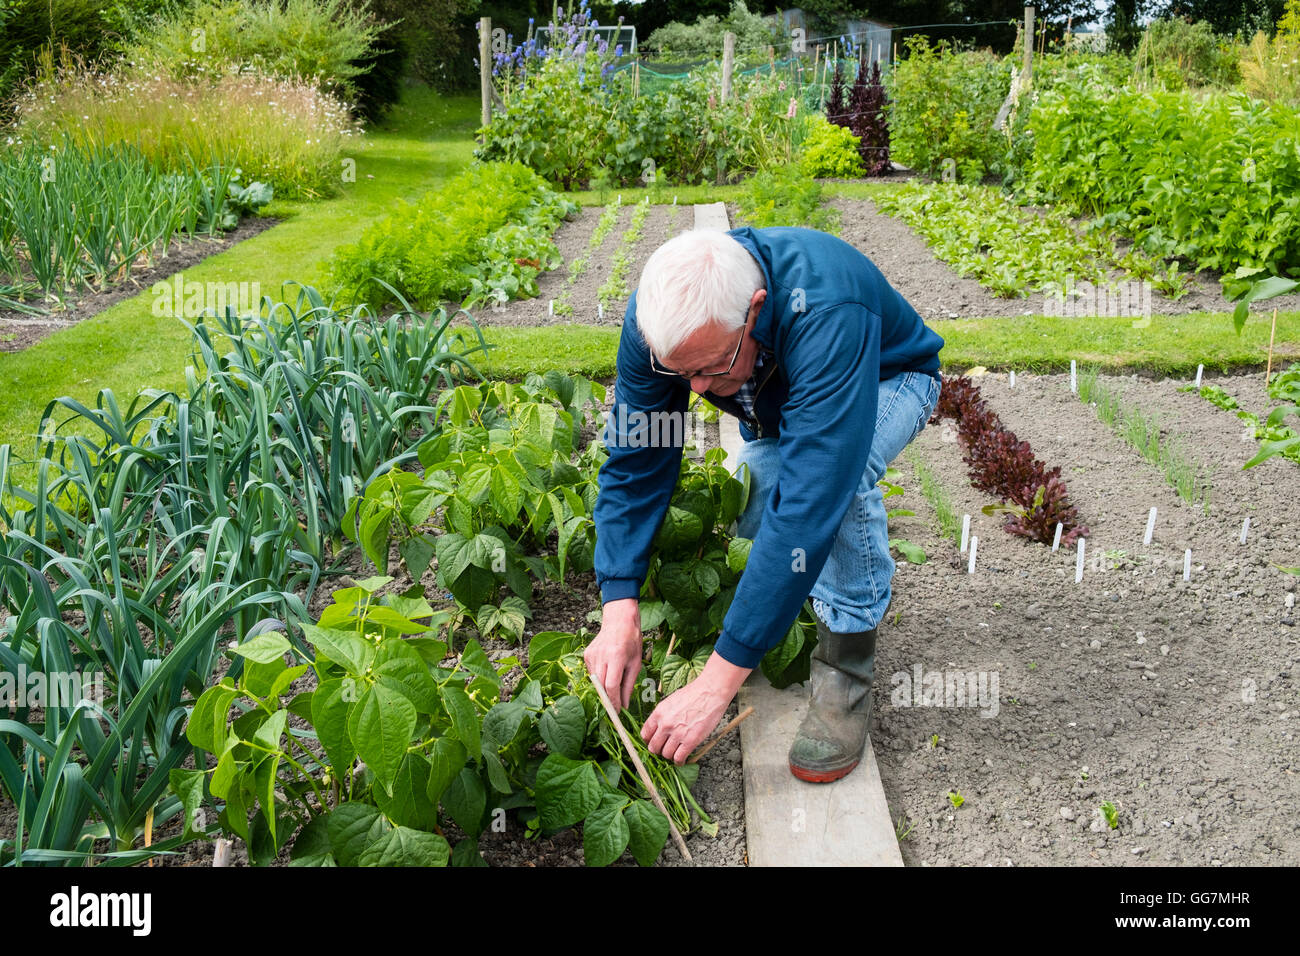 L'homme ayant tendance à potager dans son jardin d'attribution en Angleterre Royaume-Uni Photo Stock